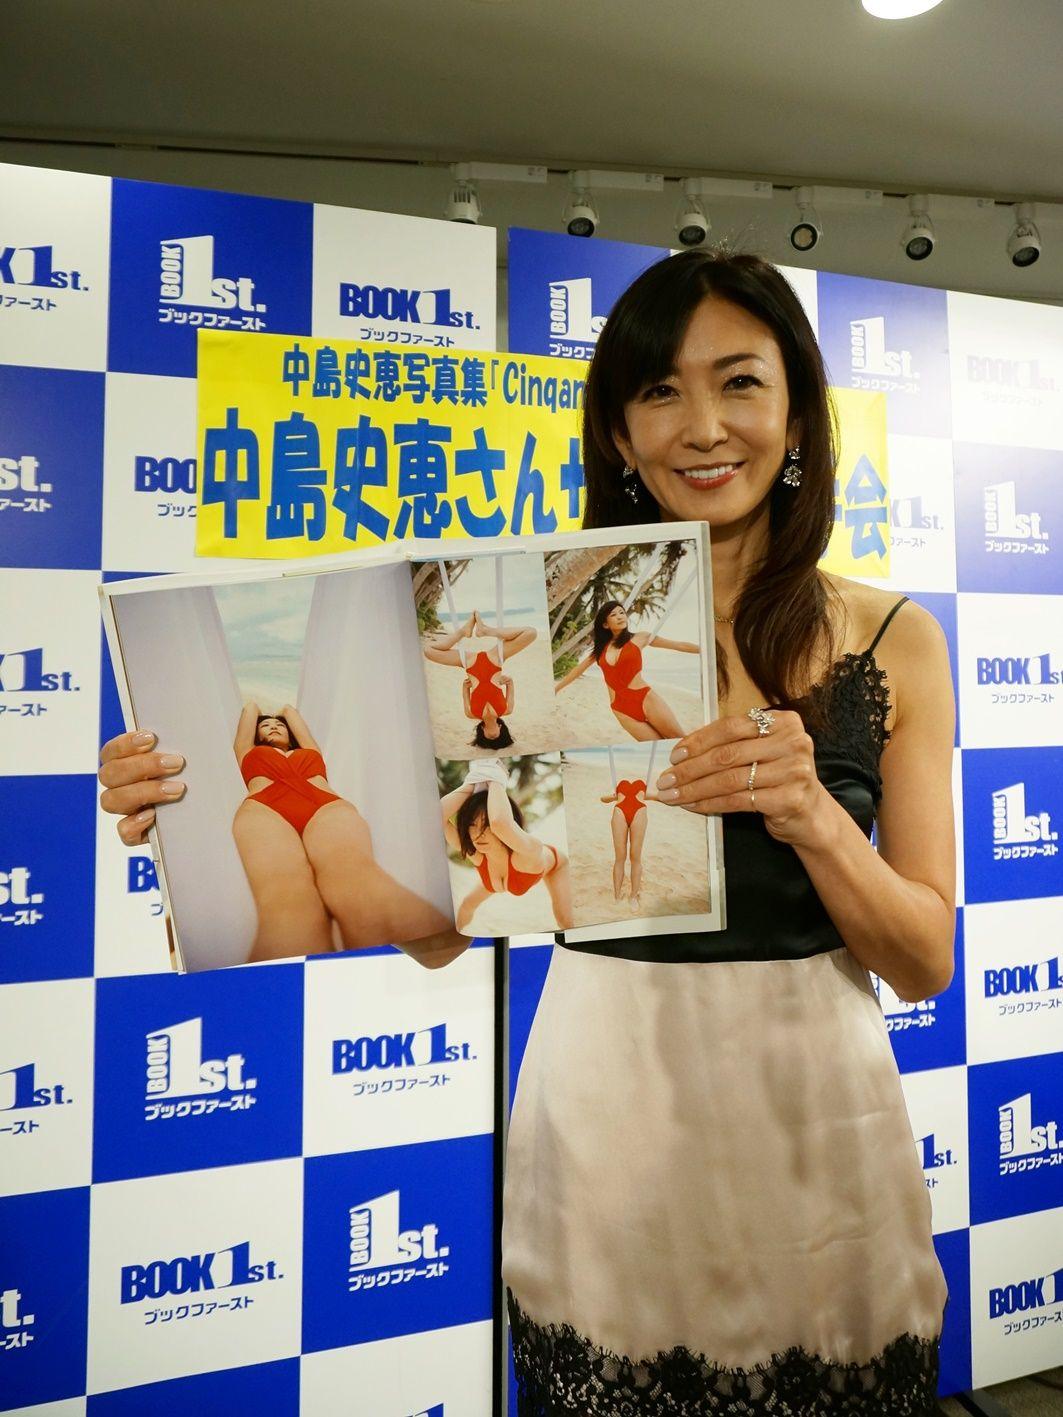 シェイプUPガールズ・中島史恵が50歳とは思えない驚きのボディを披露!の画像003